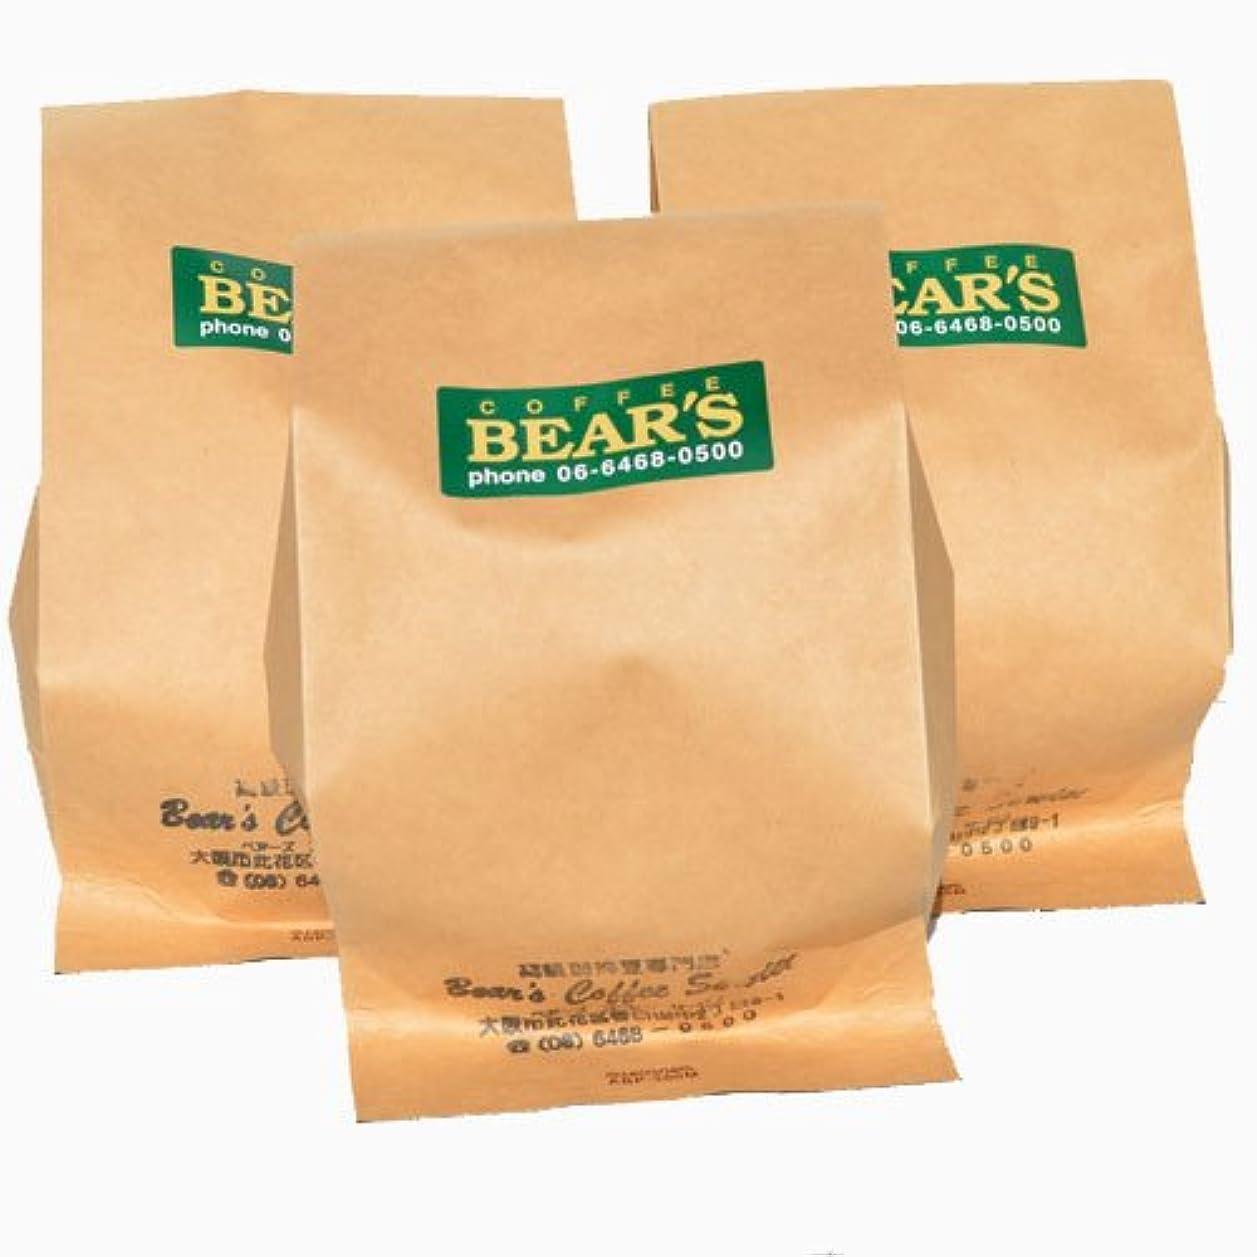 乏しい浜辺巨大なbears coffee 初めての方お試しセット 3種類 100g×3袋 コーヒー豆粗挽き キリマンジャロ ブラジルアマレロ マンデリン